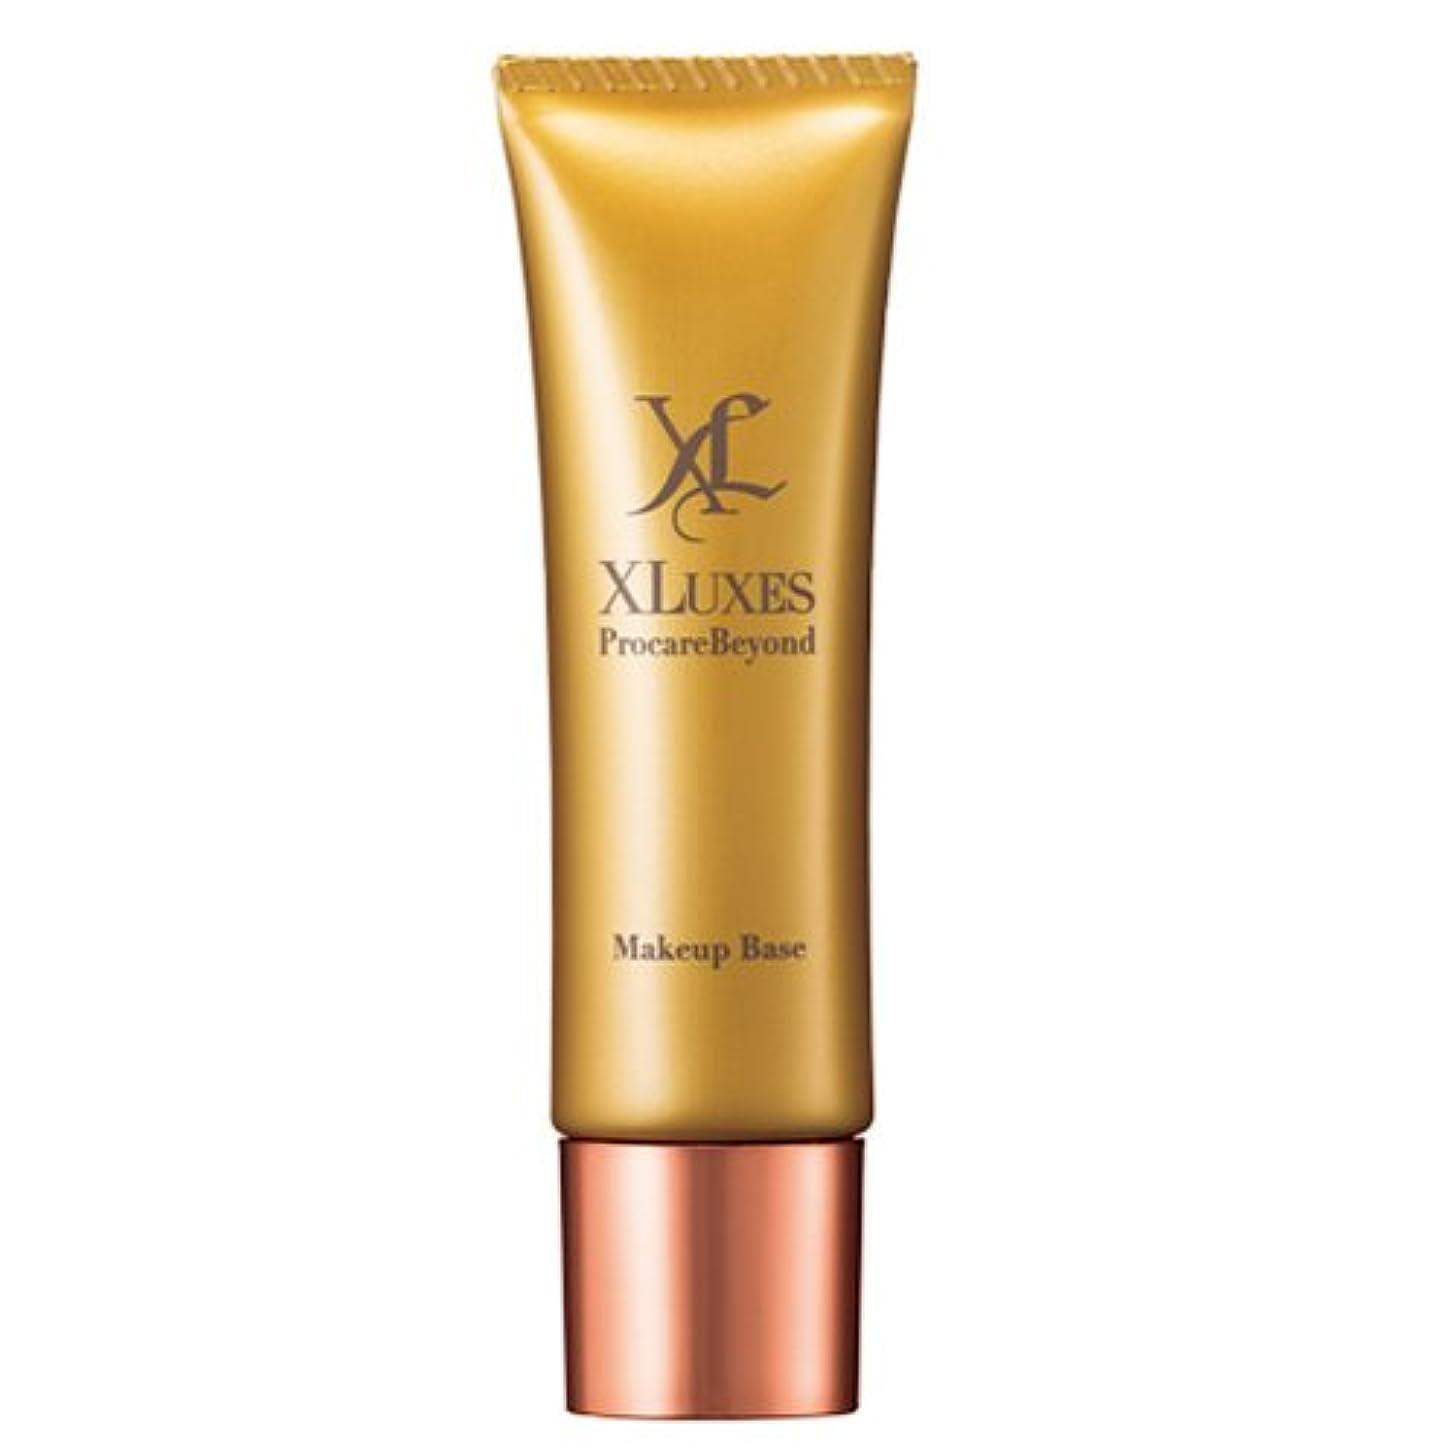 重要な主婦クールXLUXES 化粧下地 (SPF50 PA+++) [ヒト幹細胞 培養液配合] プロケアビヨンド メイクアップベース 30g